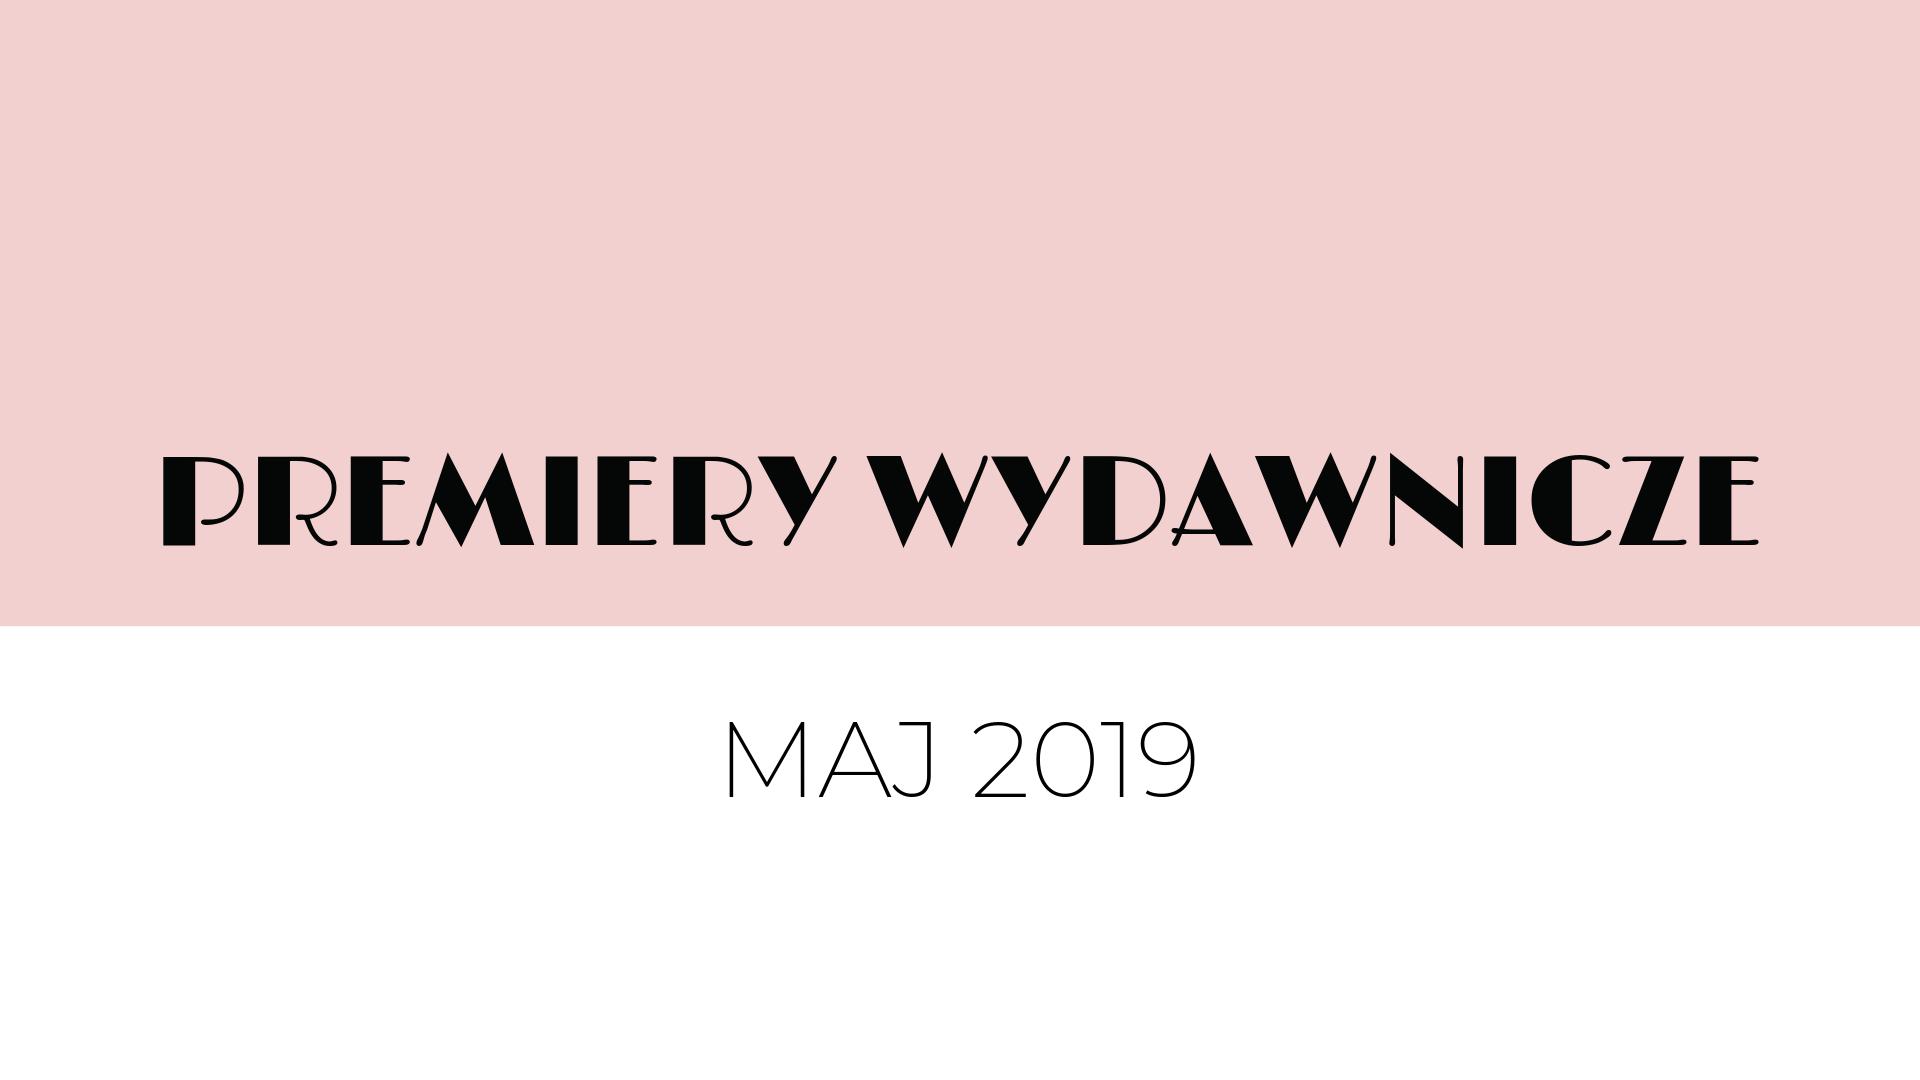 Premiery wydawnicze – maj 2019